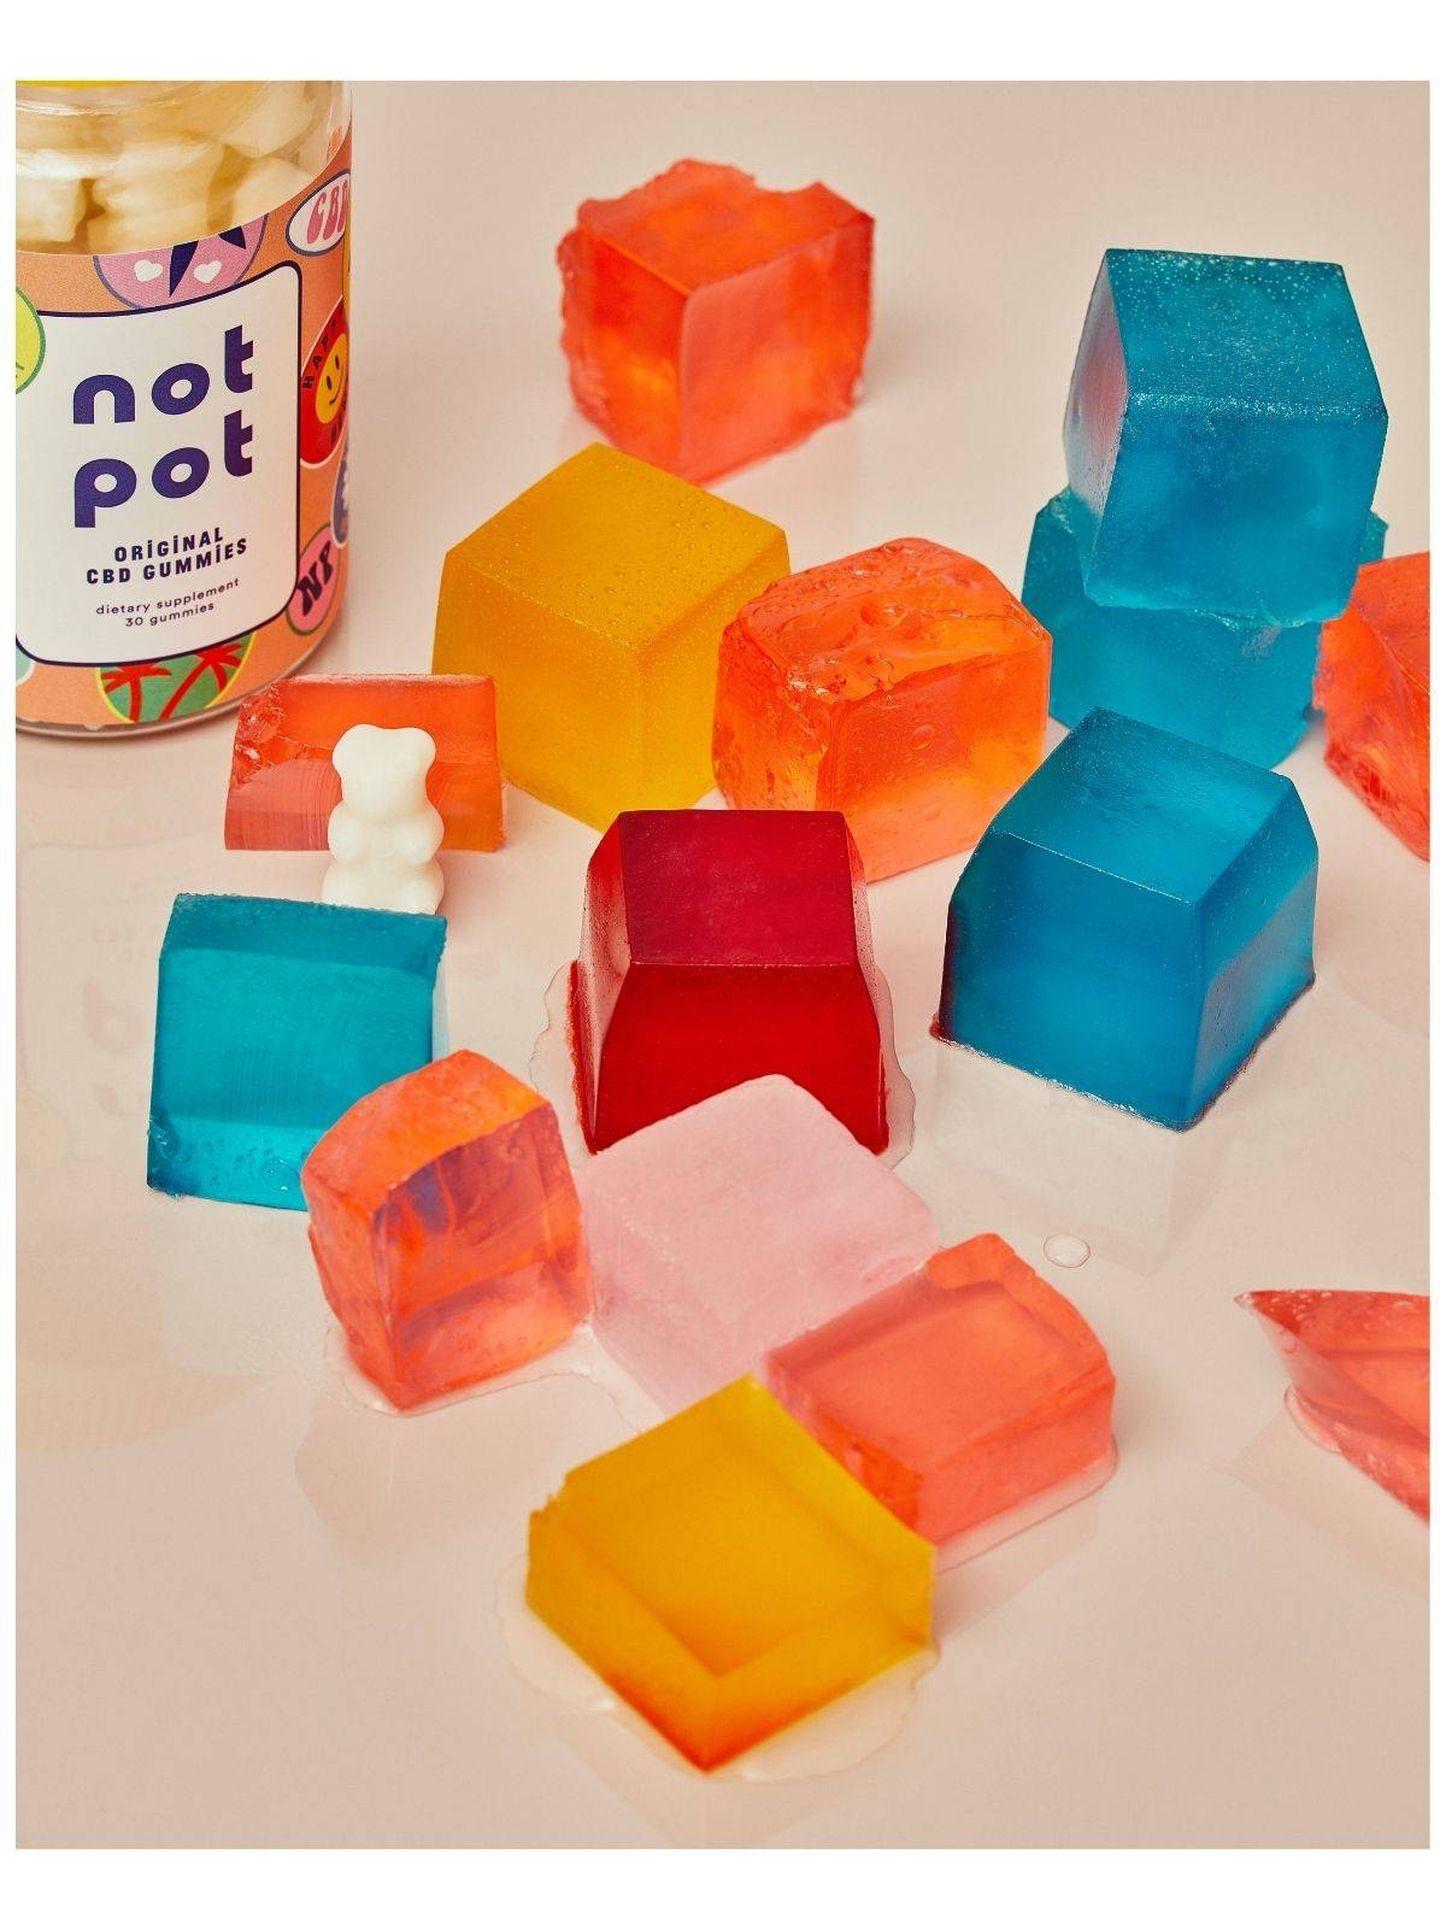 La cosmética en gelatina ofrece un efecto refrescante. (Not Pot para Unsplash)